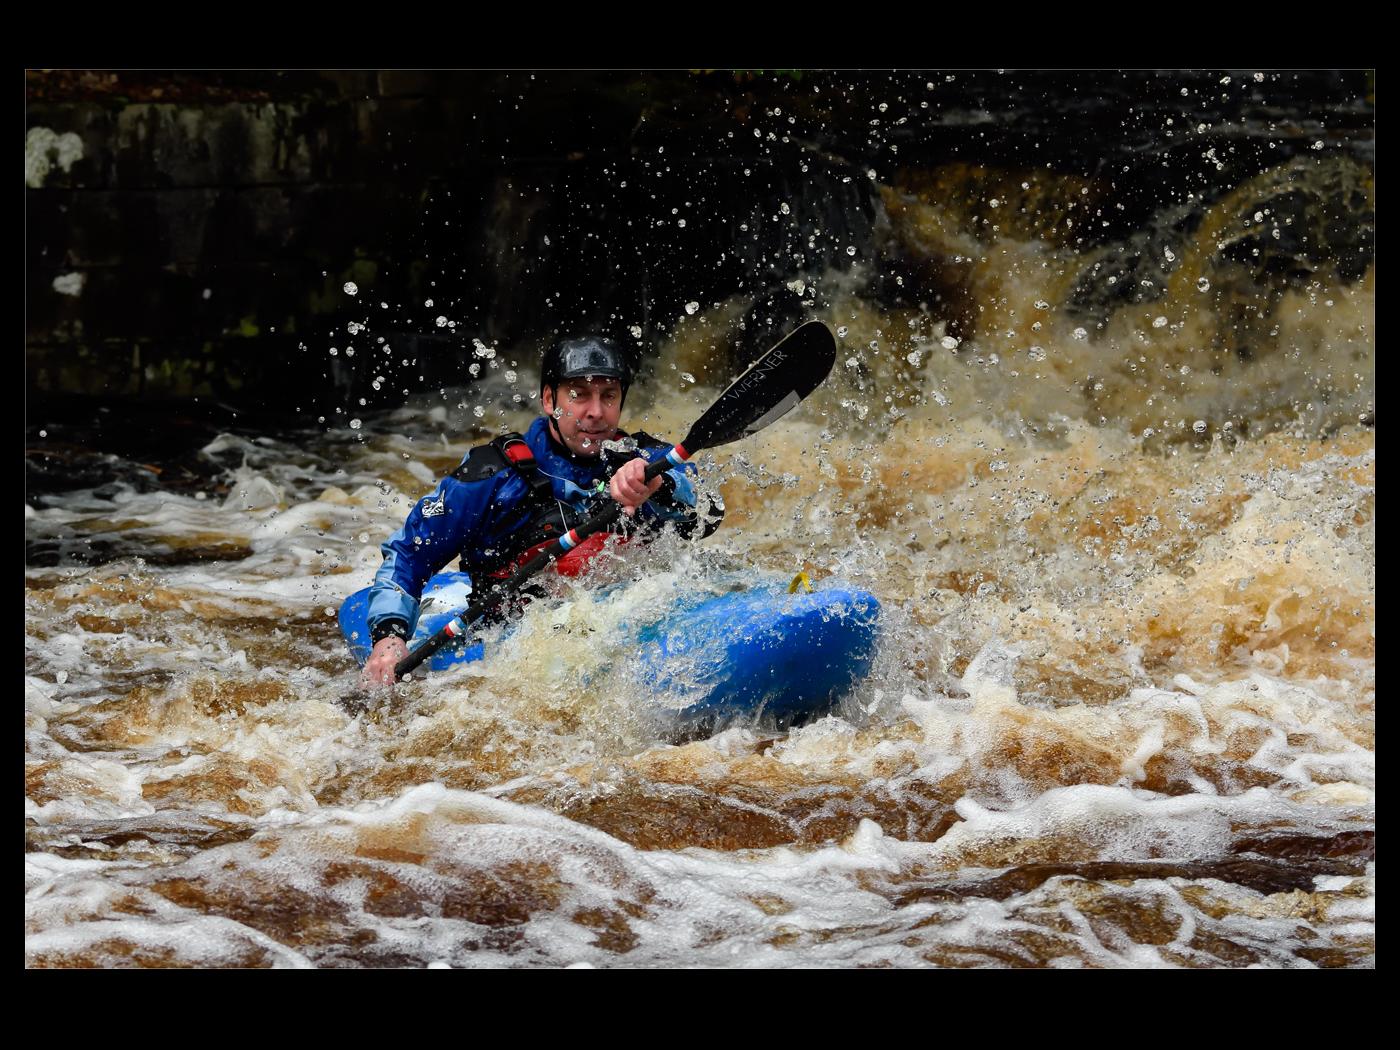 washburn valley Kayaking